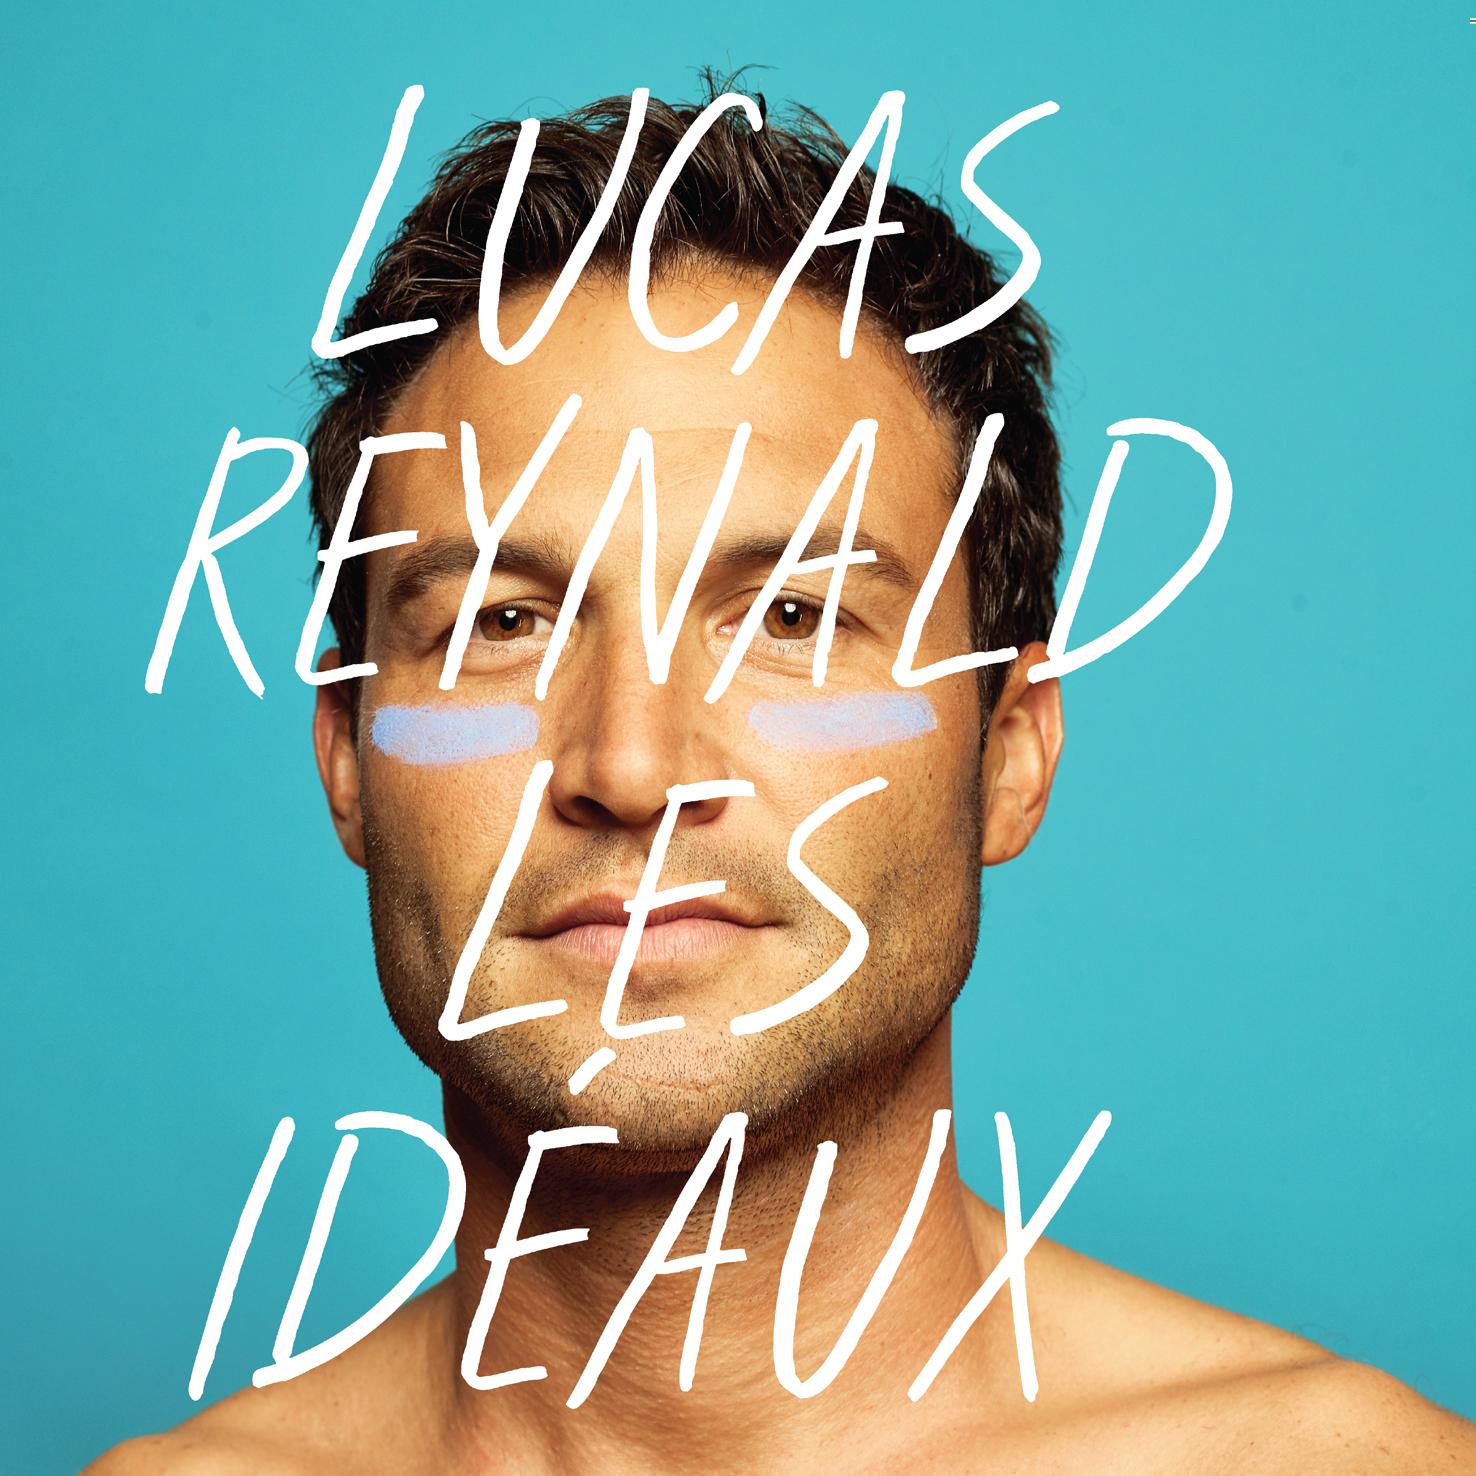 Lucas Reynald Les idéaux